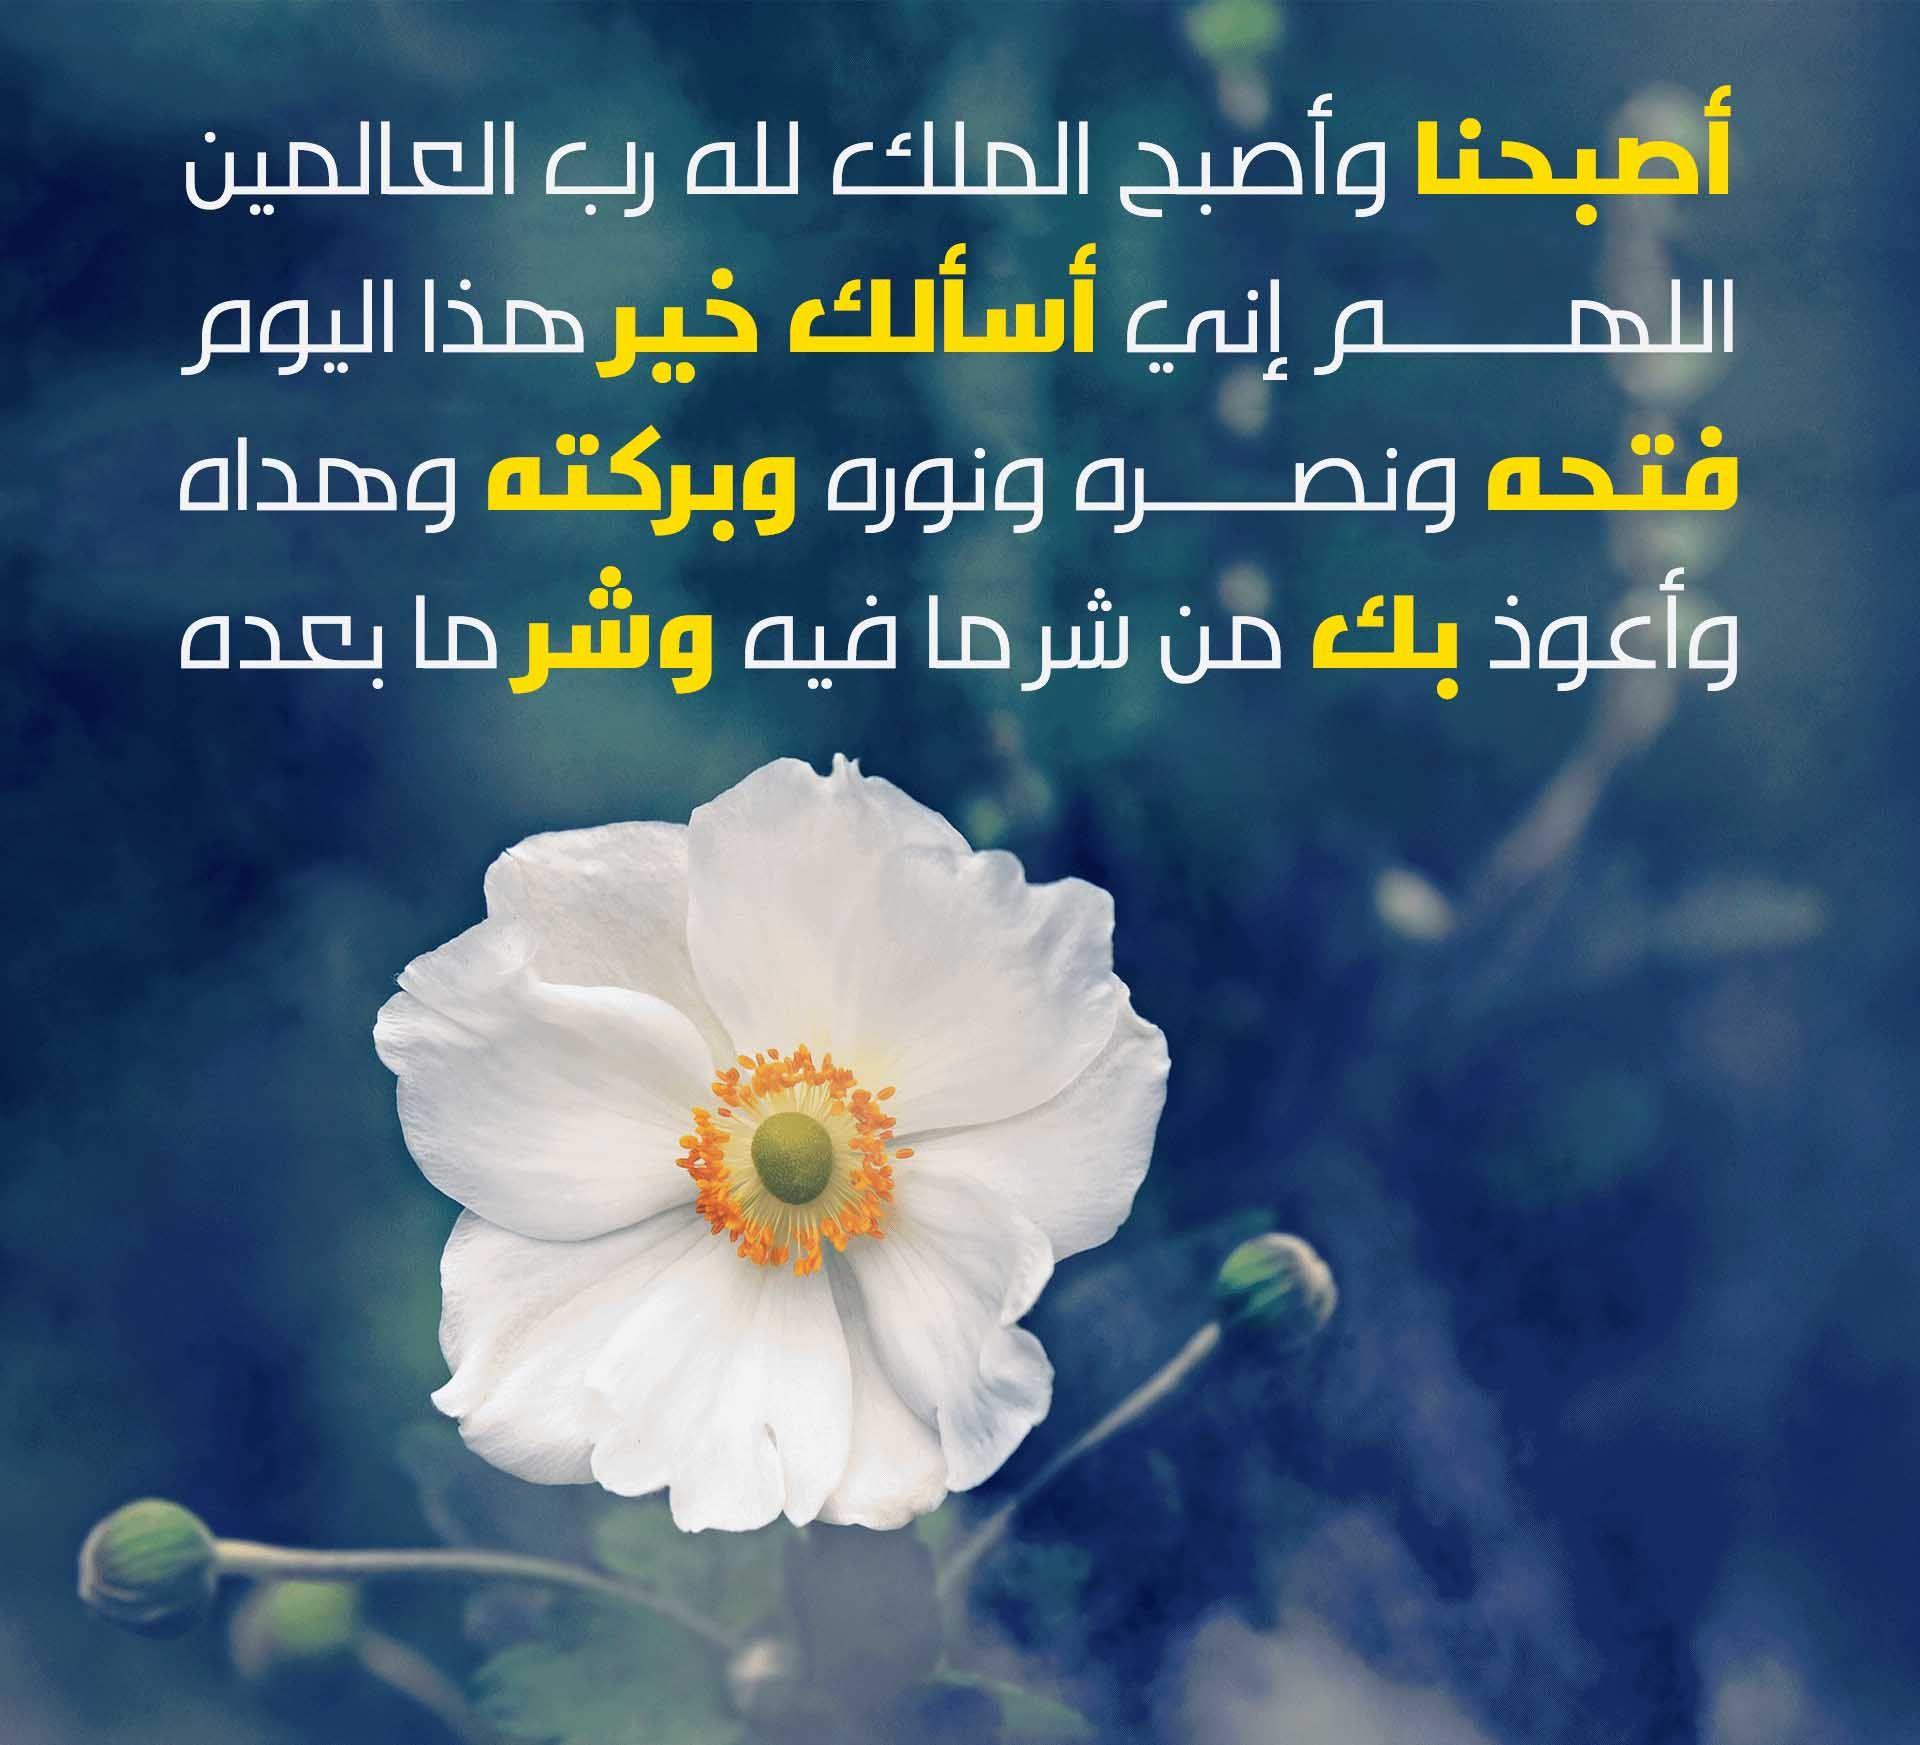 صور مكتوب عليها اصبحنا واصبح الملك لله صور صباحية اجمل صور صباح الخير Happy Flowers Image Islam